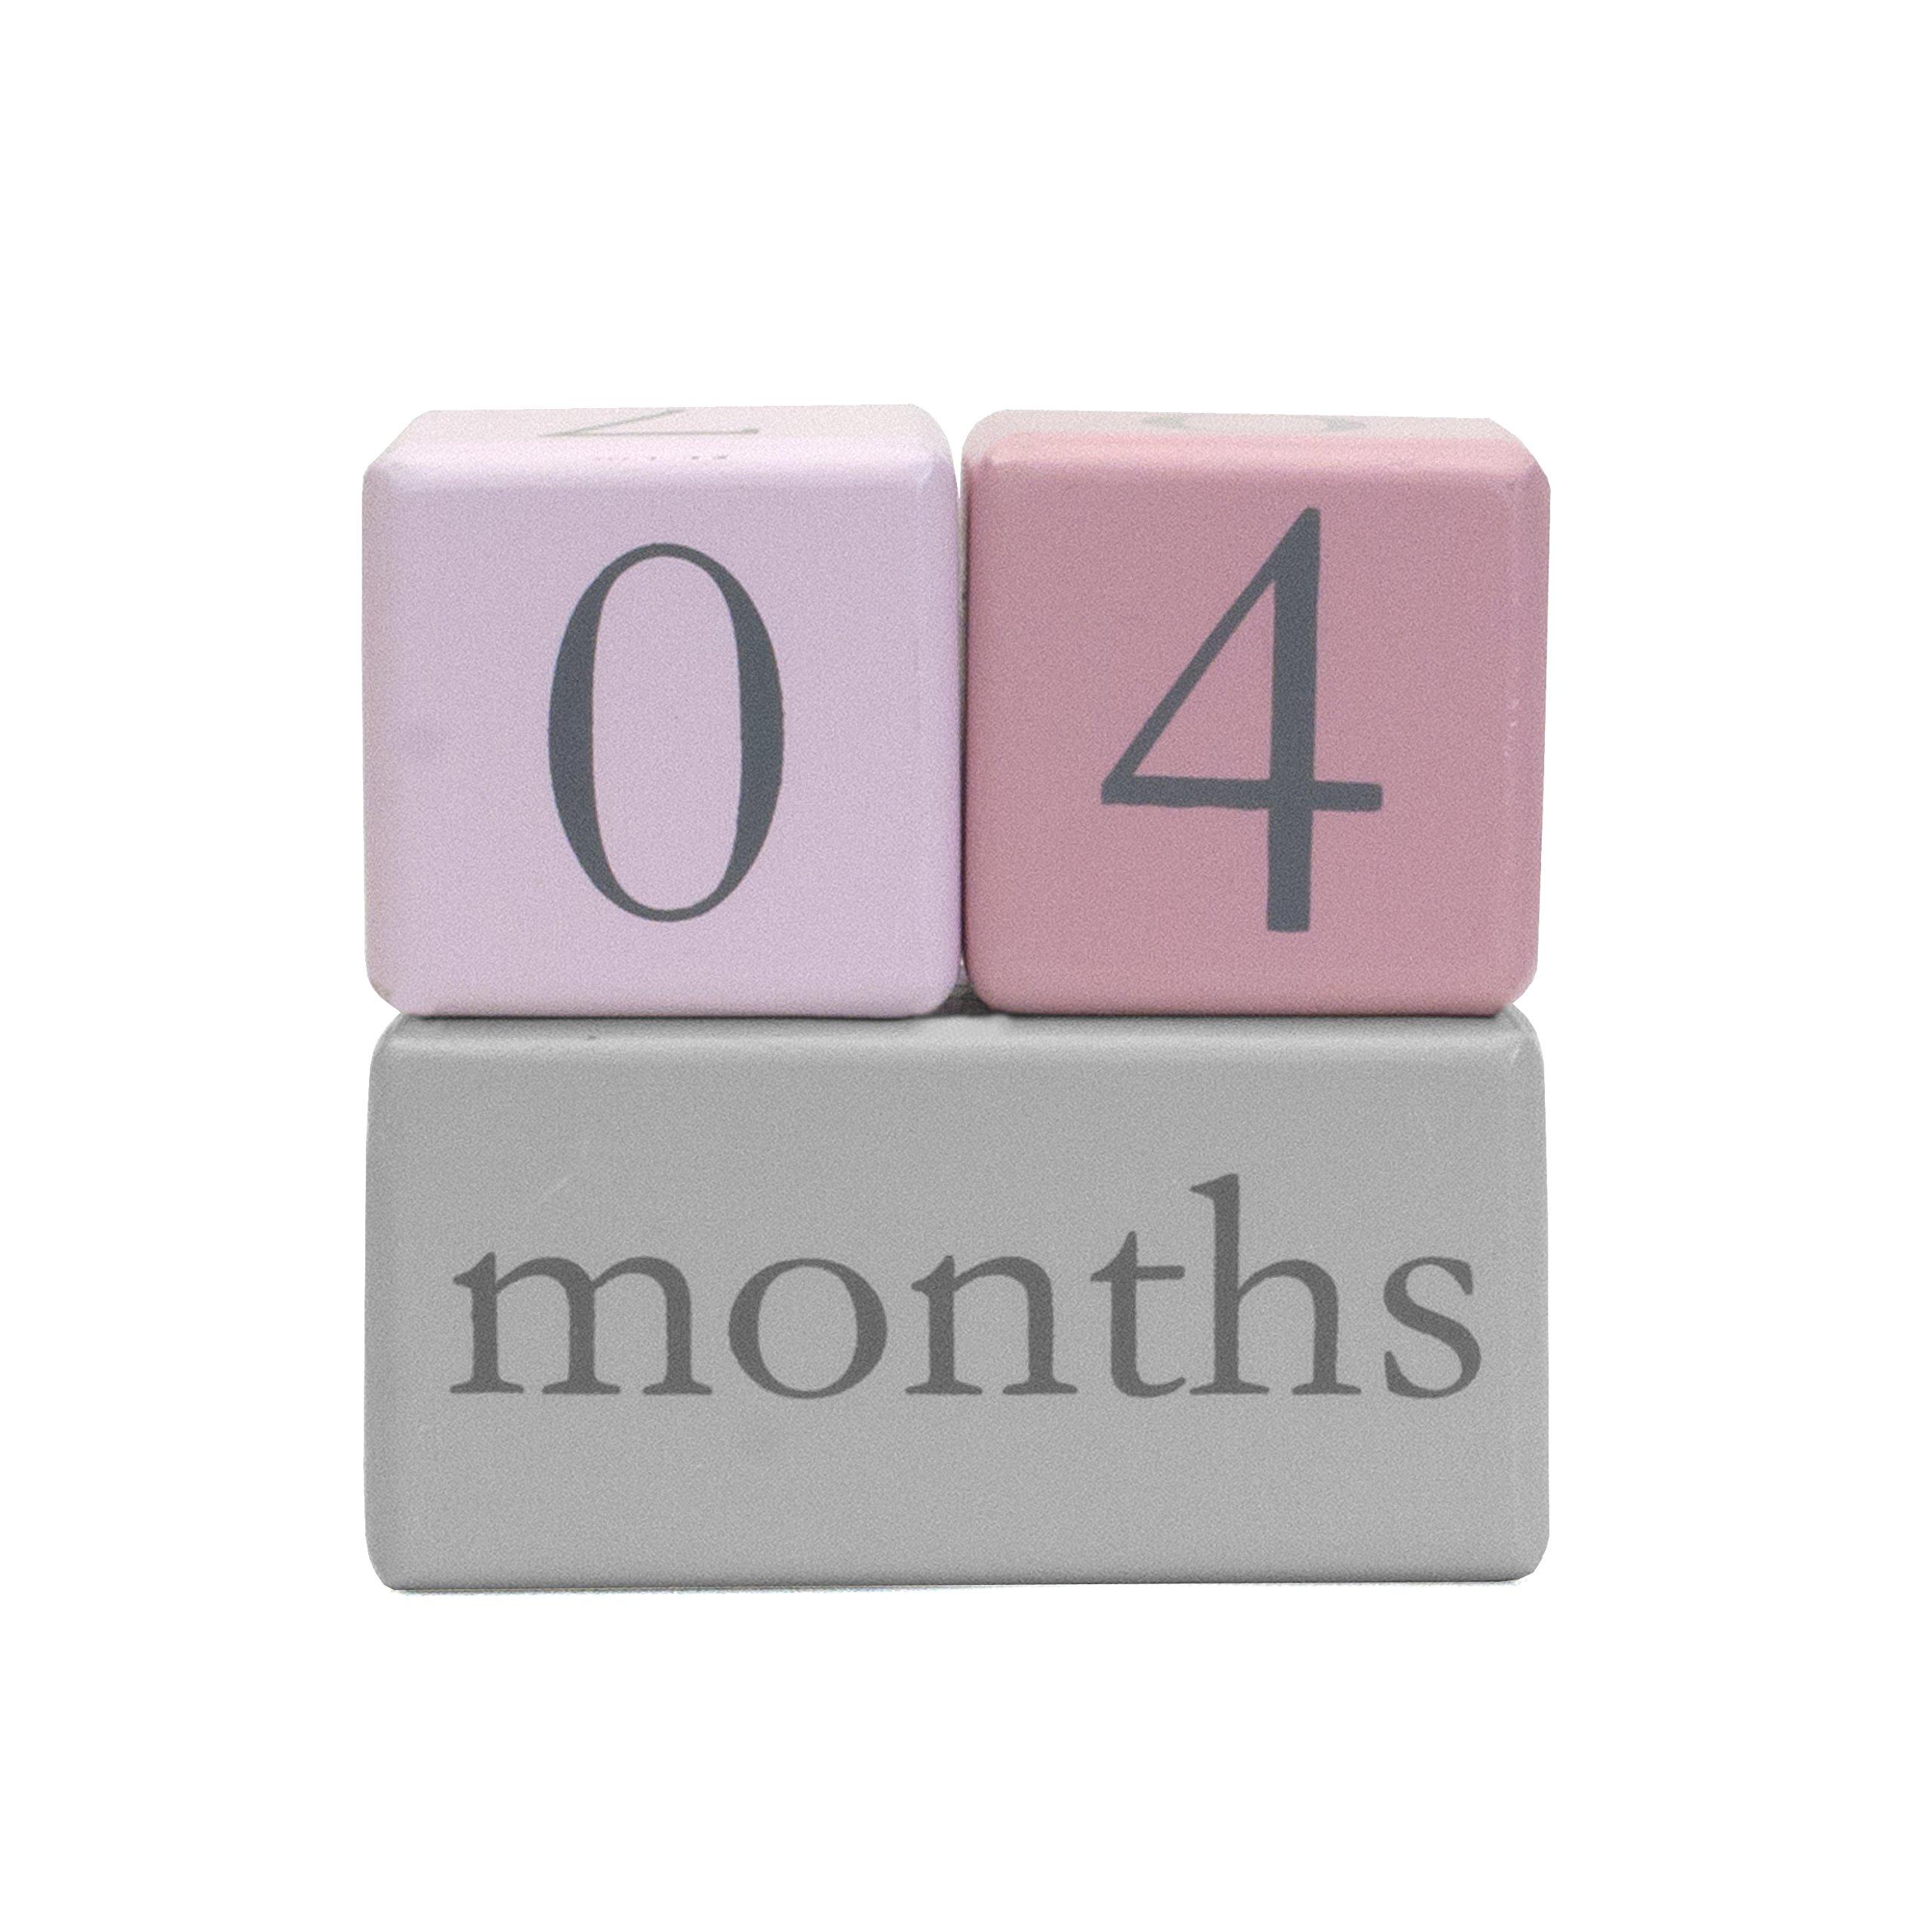 Child to Cherish Baby Monthly Milestone Photo Age Blocks, Pink